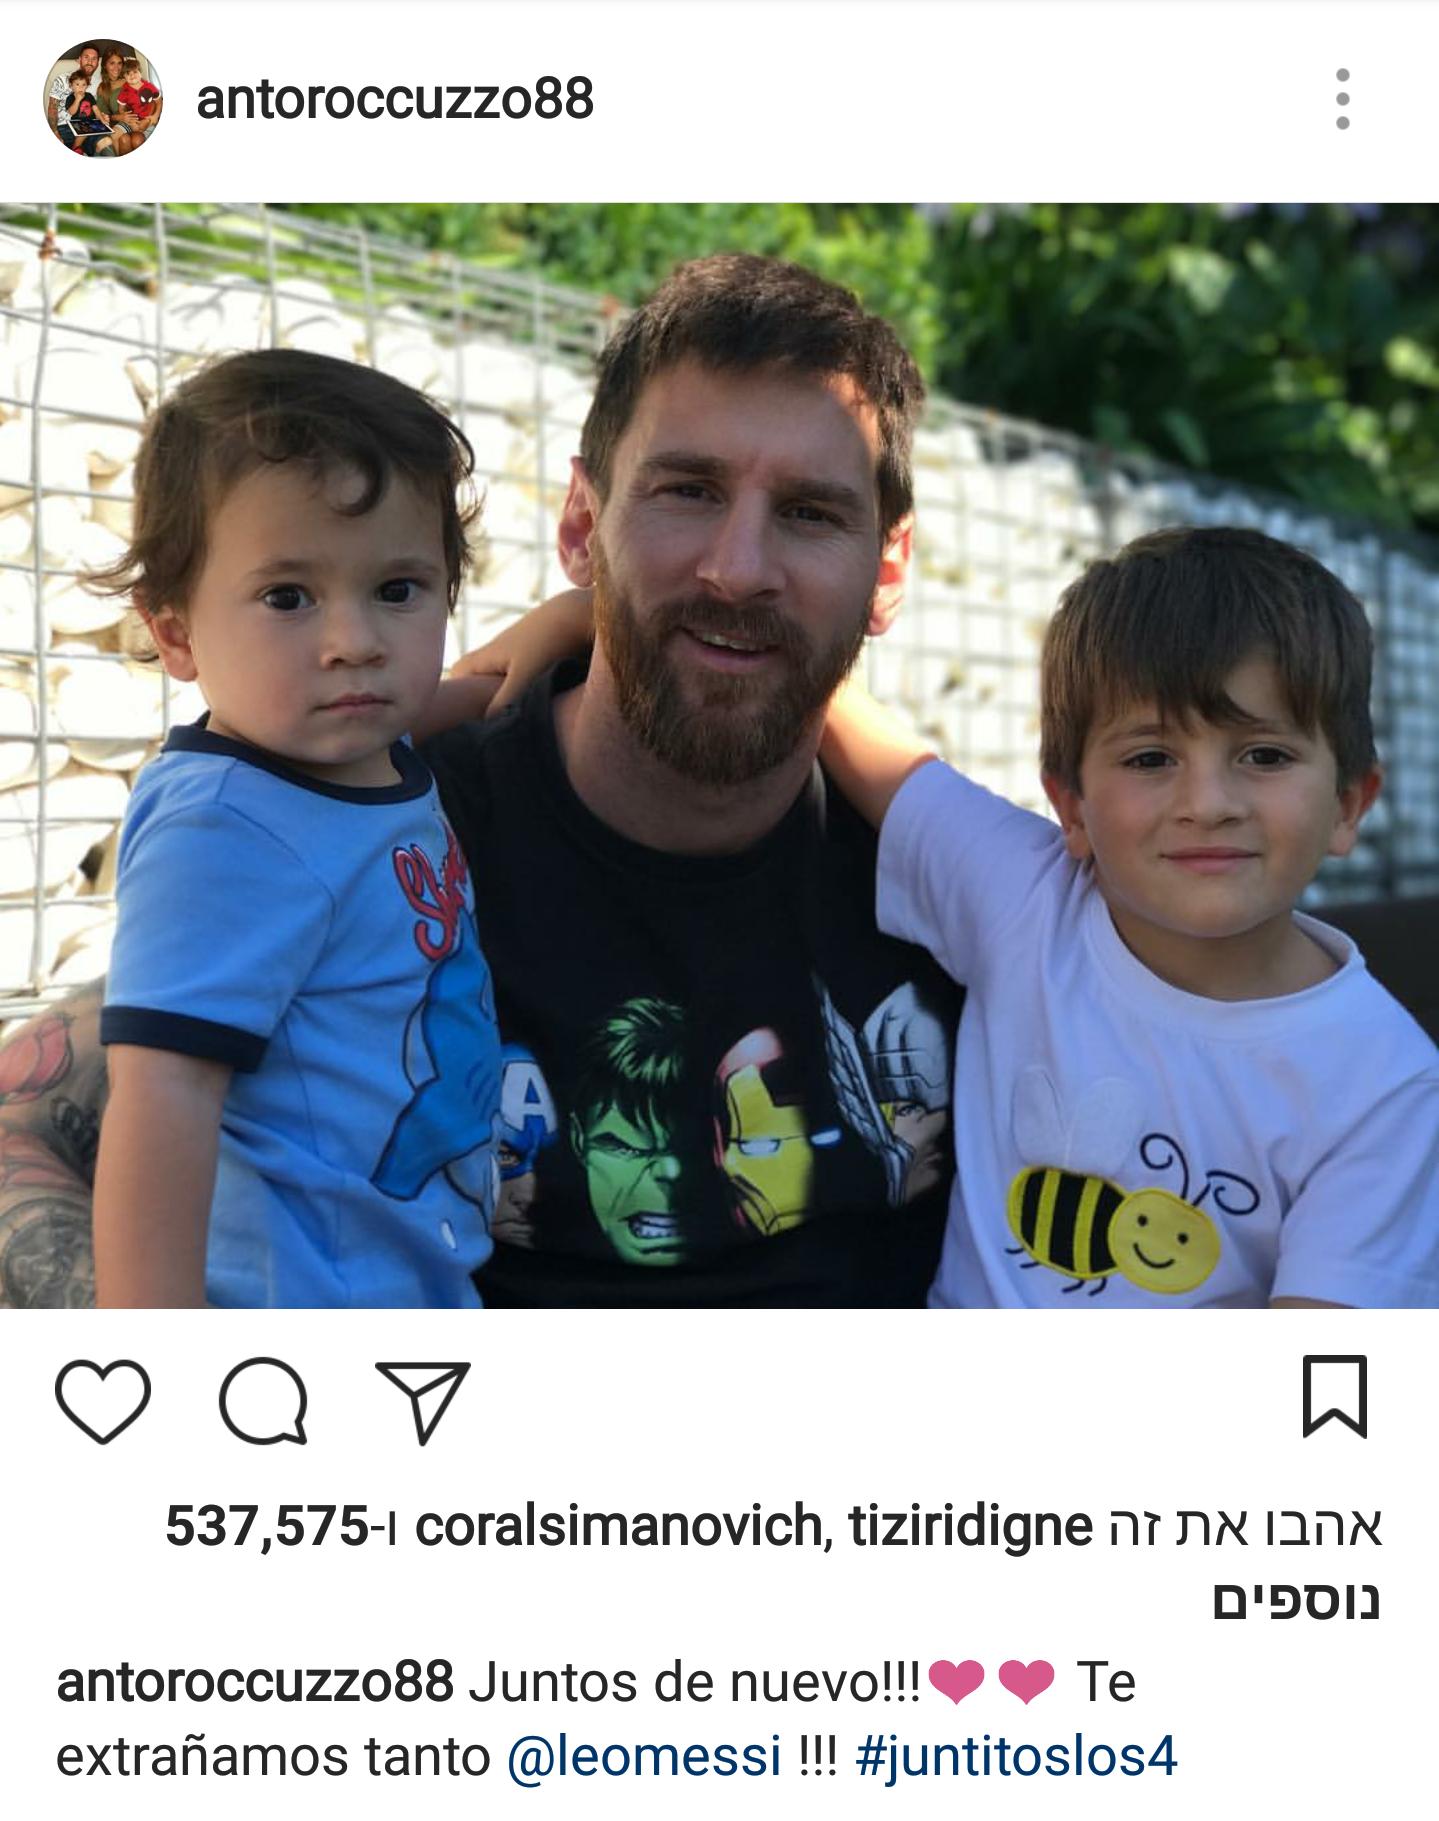 ליונל עם טיאגו ומתאו. המשפחה מתרחבת (צילום מתוך טוויטר)